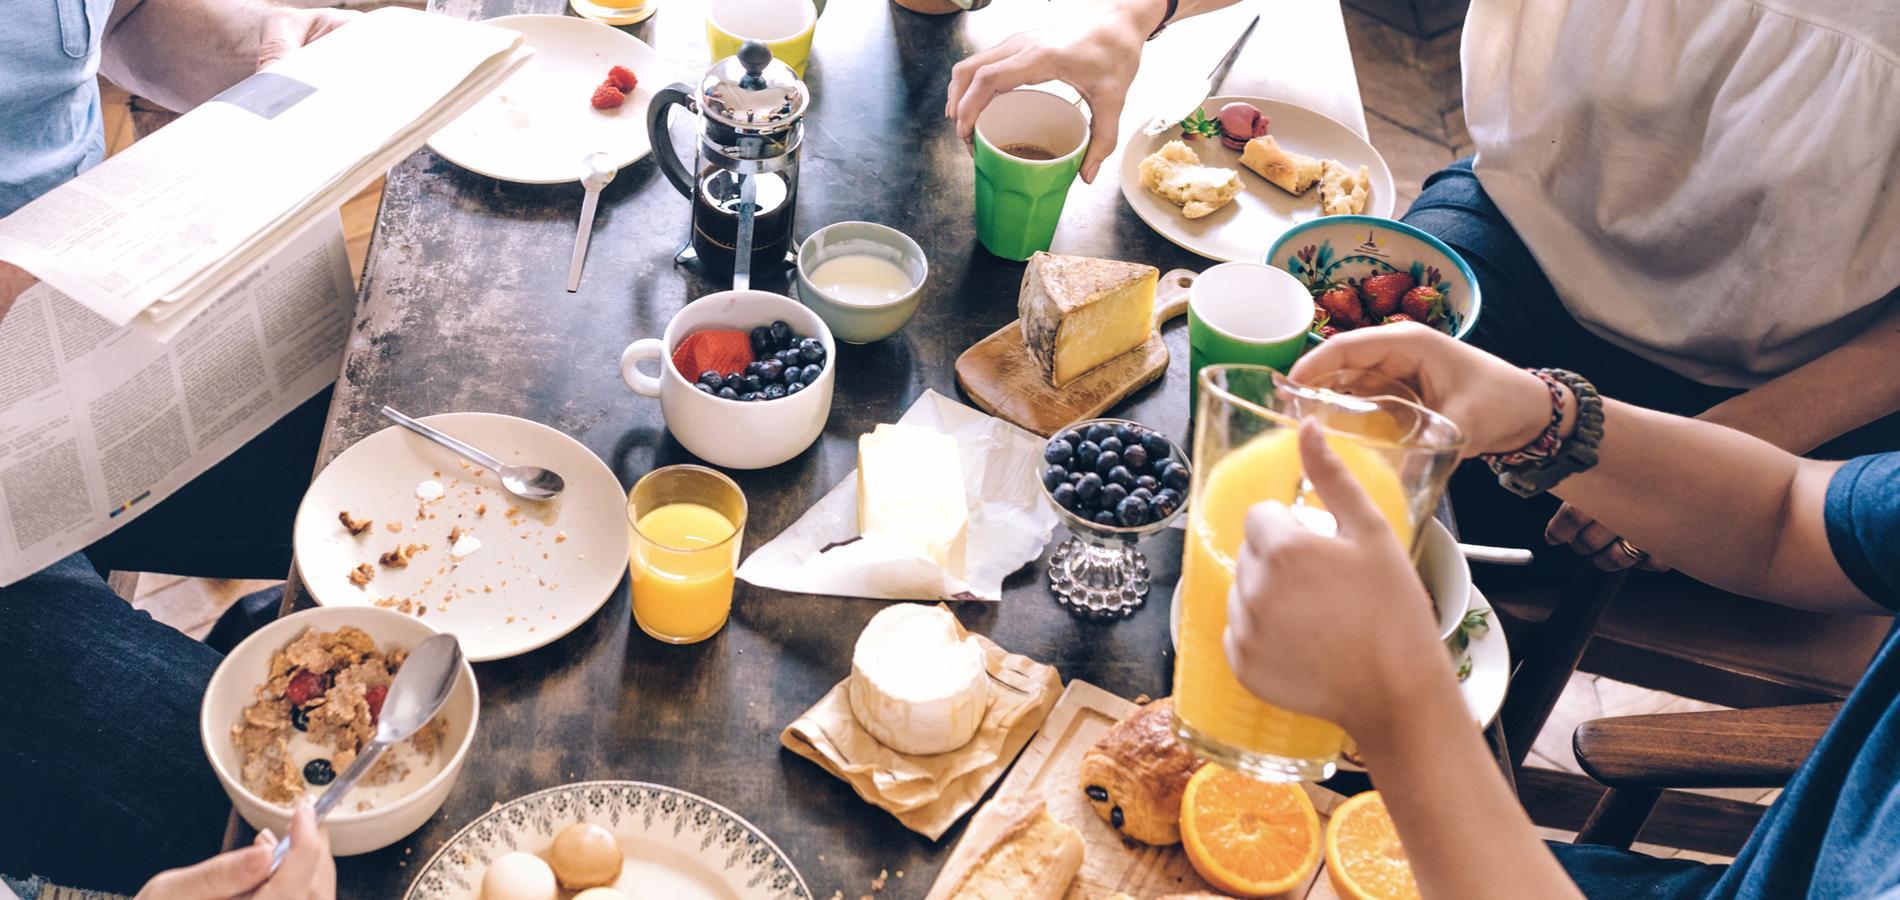 Les 12 commandements d'un brunch maison réussi   Cuisine / Madame ...